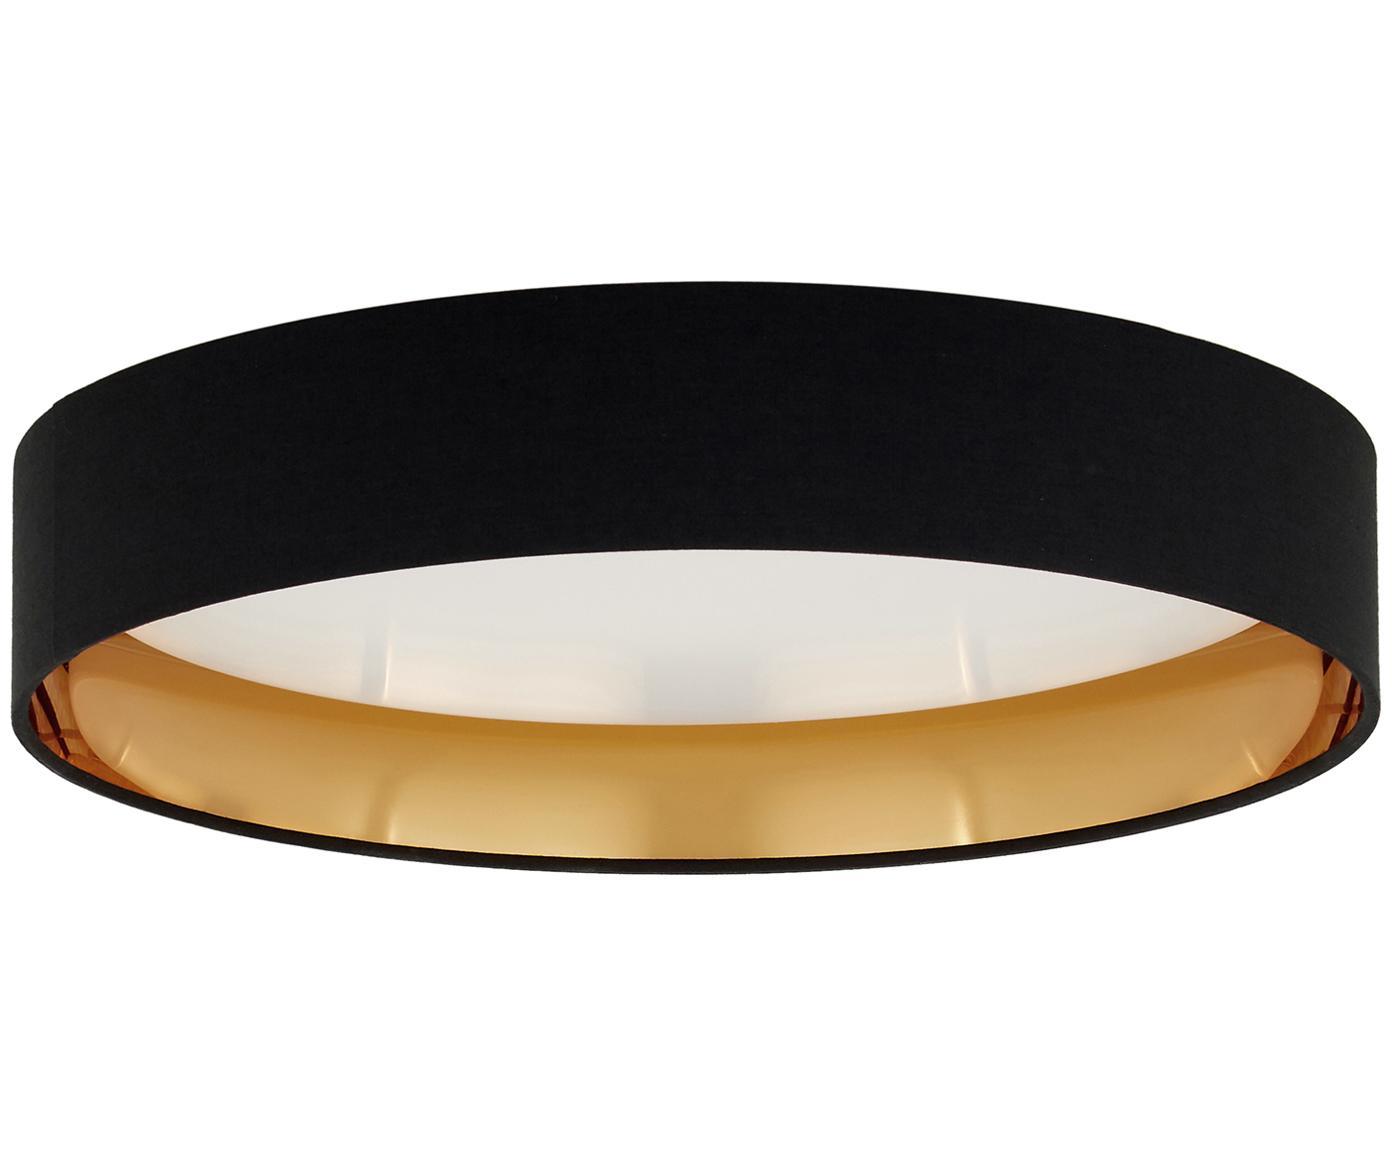 LED-Deckenleuchte Mallory, Rahmen: Metall, Diffusorscheibe: Kunststoff, Schwarz, ∅ 41 x H 10 cm